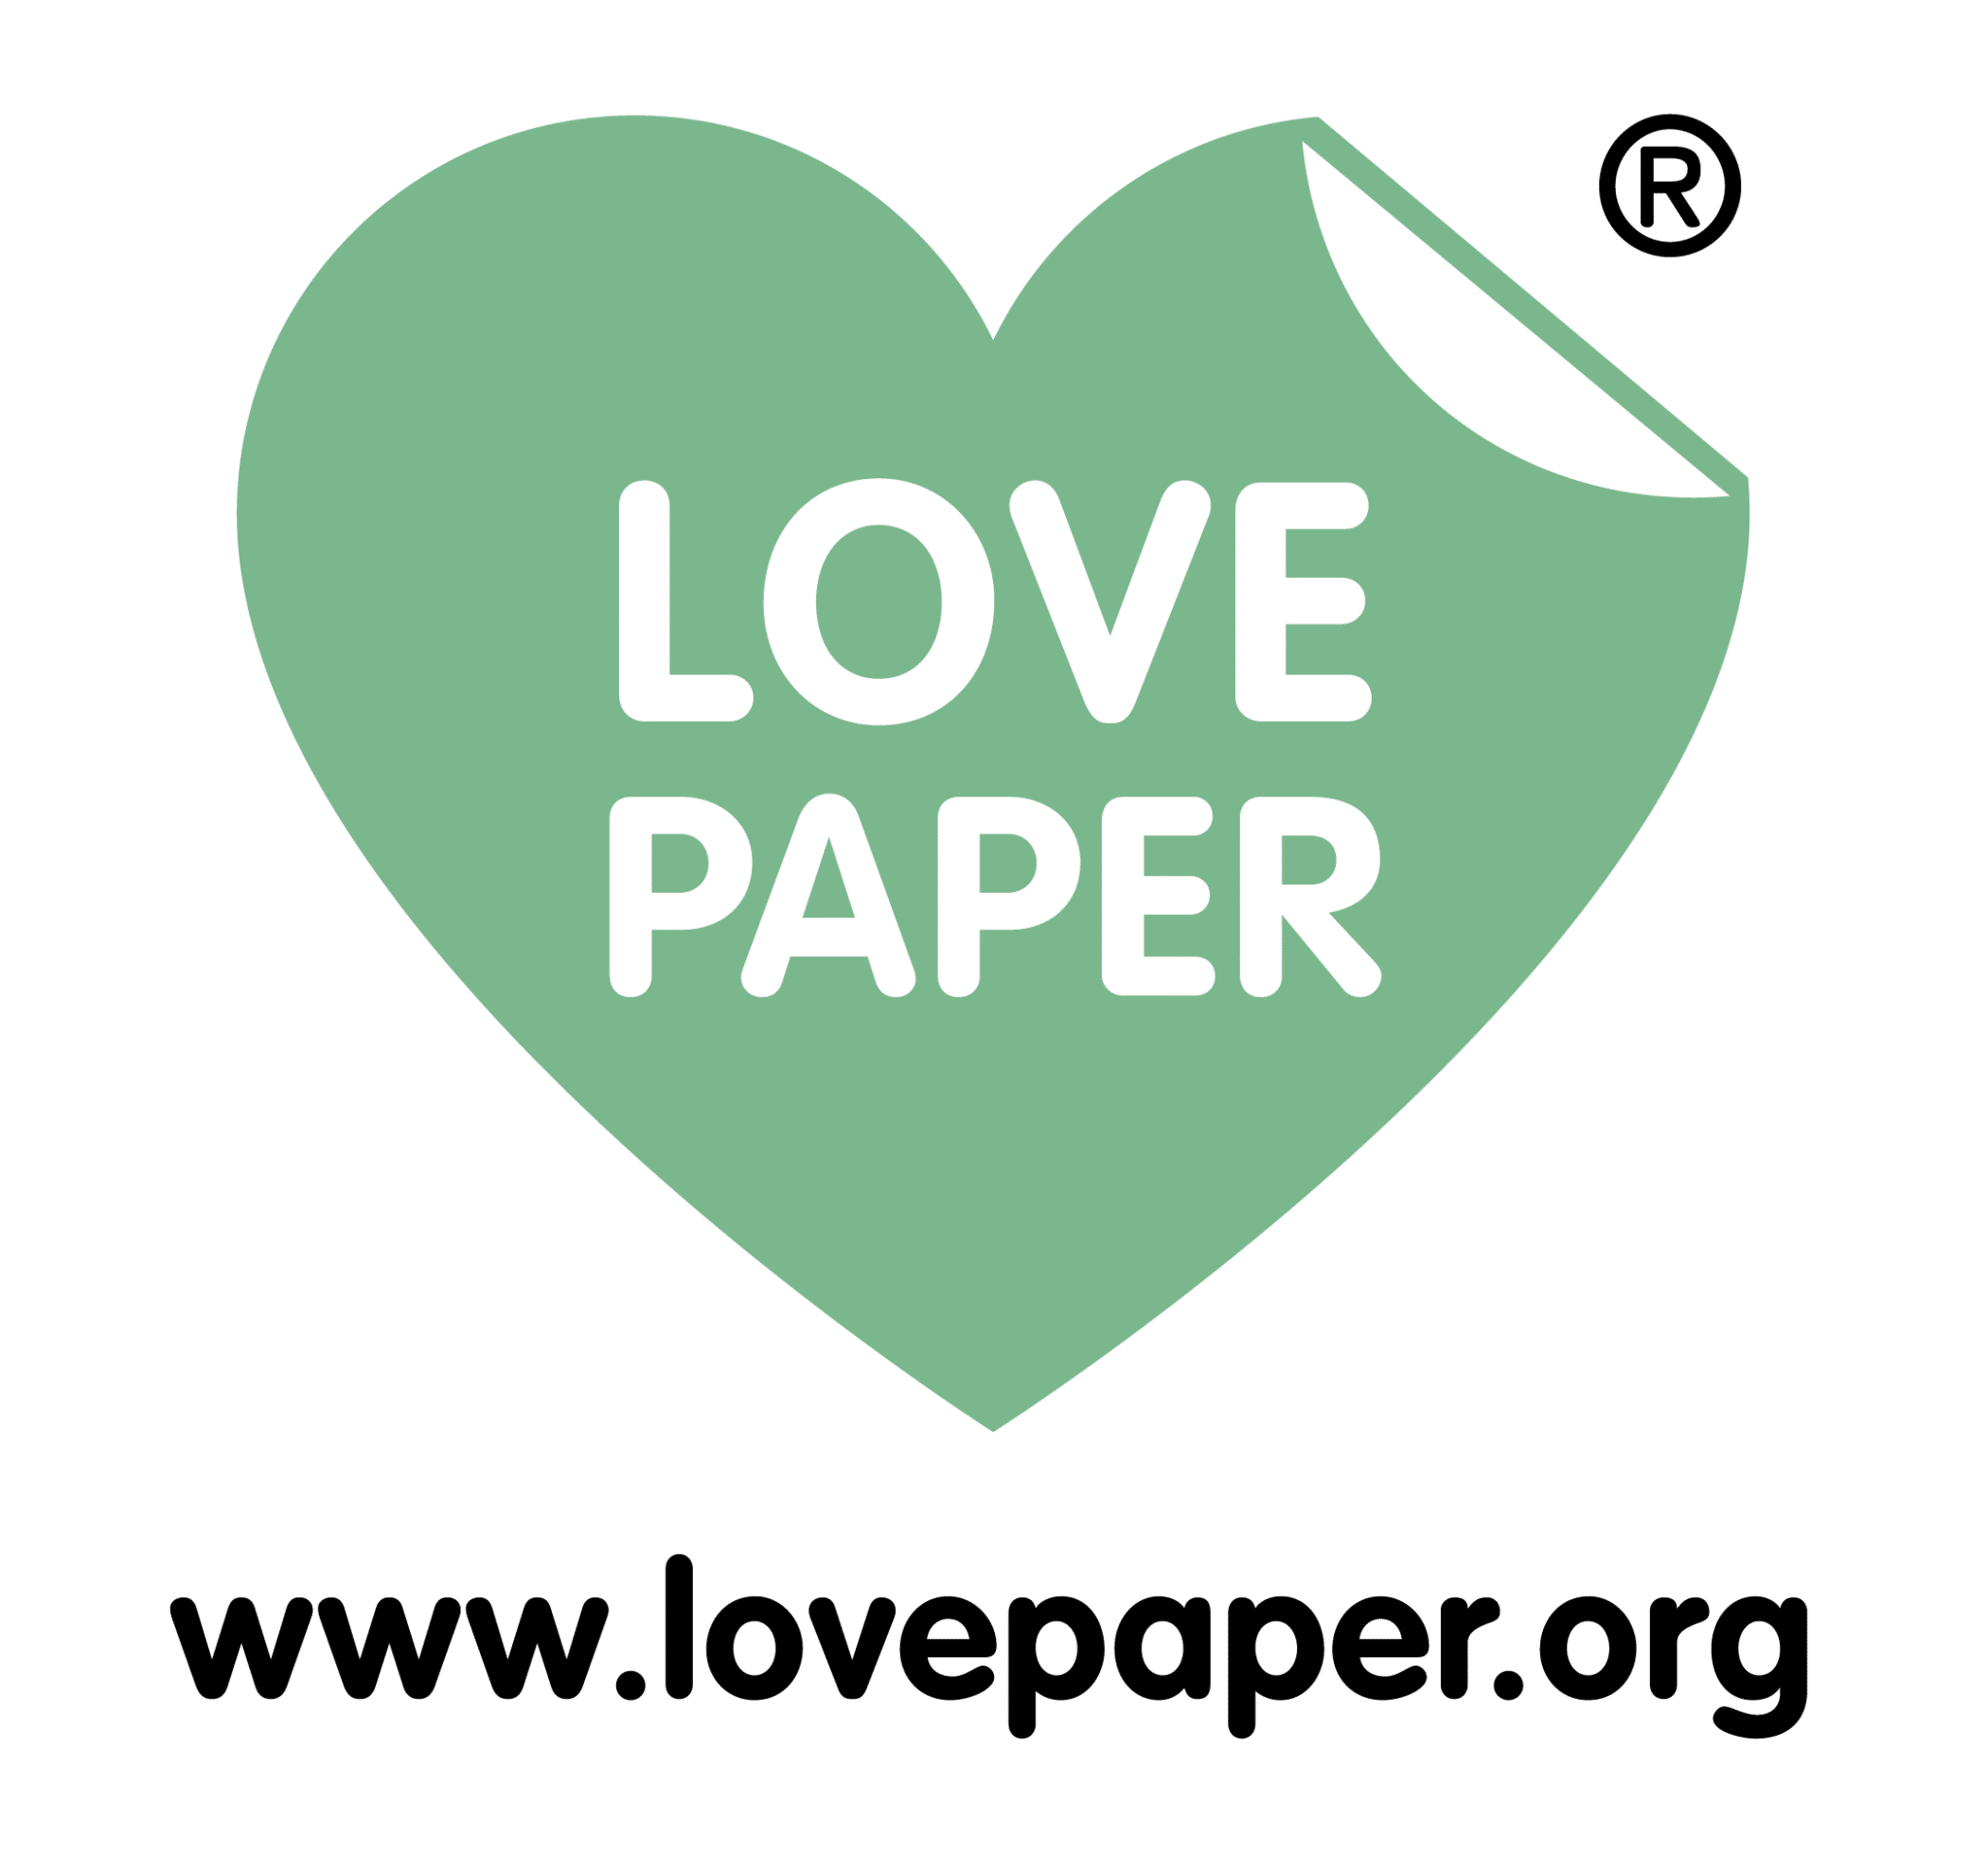 Penrose Group - Love Paper